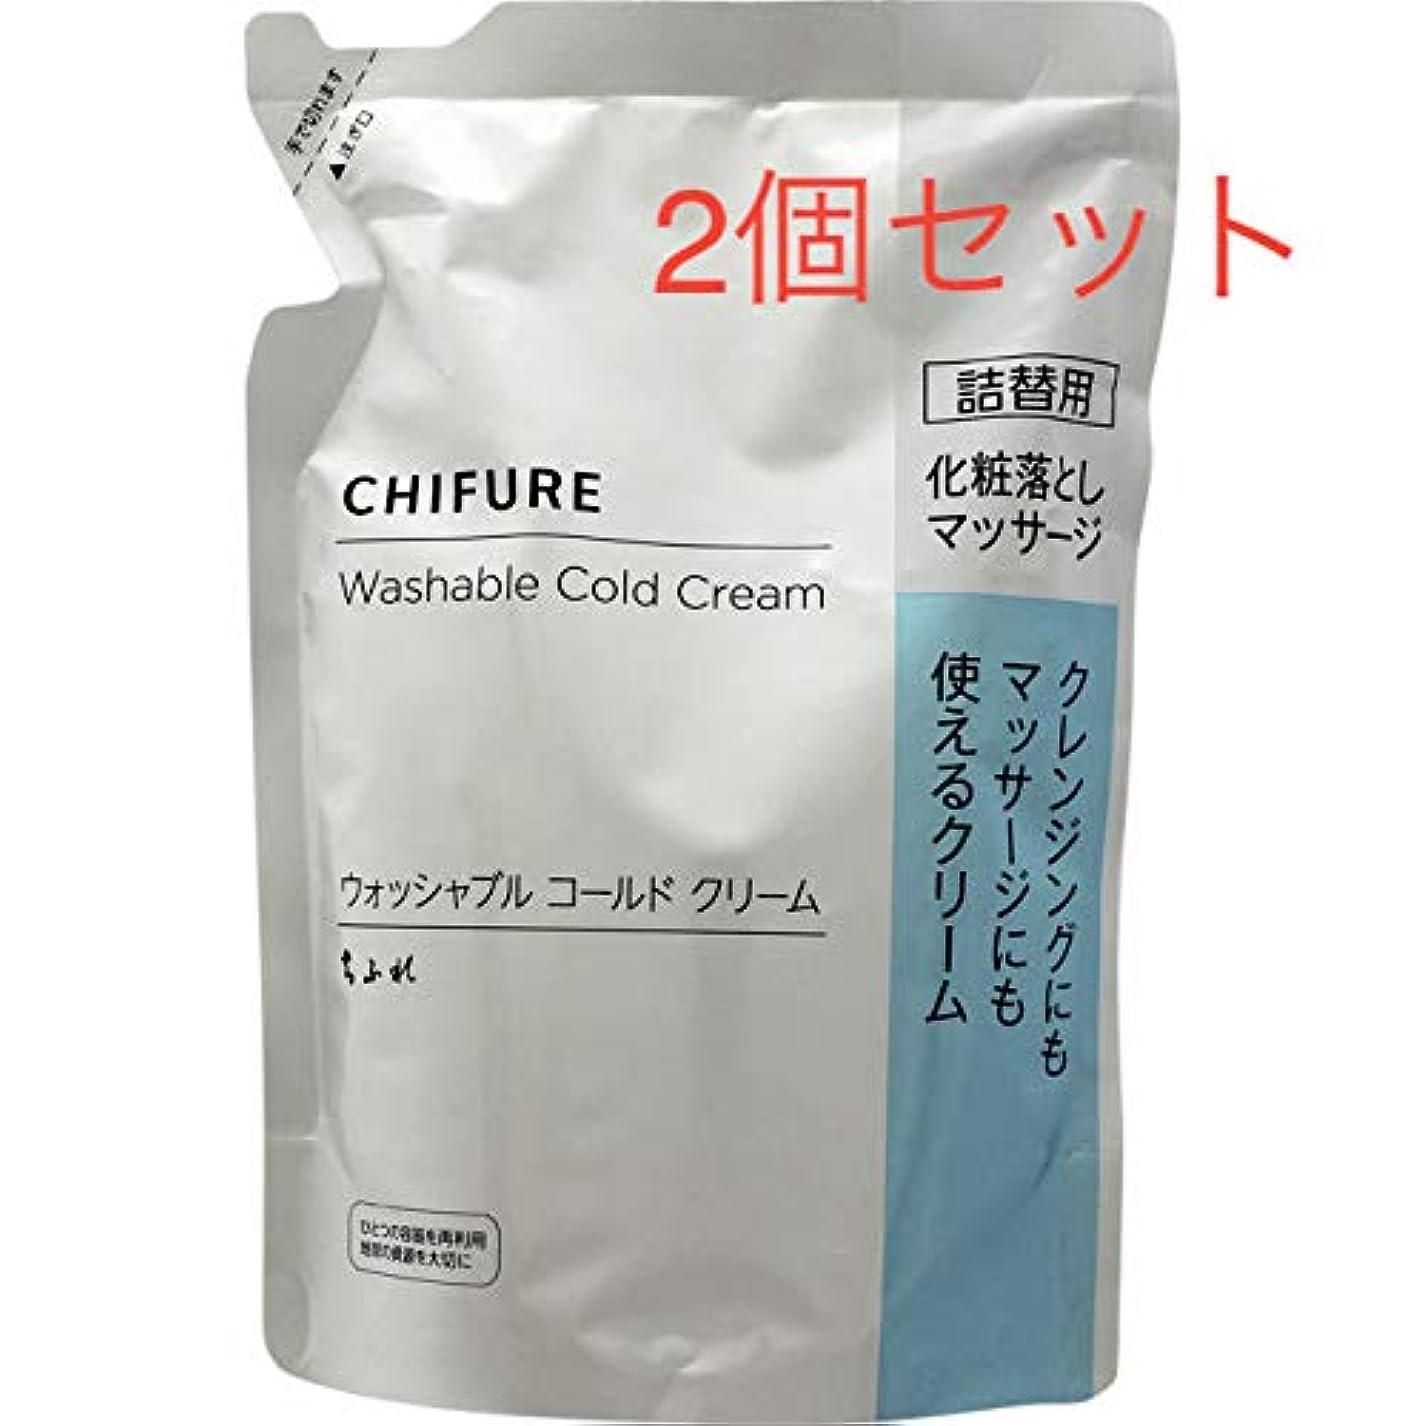 モンゴメリー間に合わせ操作可能ちふれ化粧品 ウォッシャブルコールドクリームN詰替 300g 2個セット